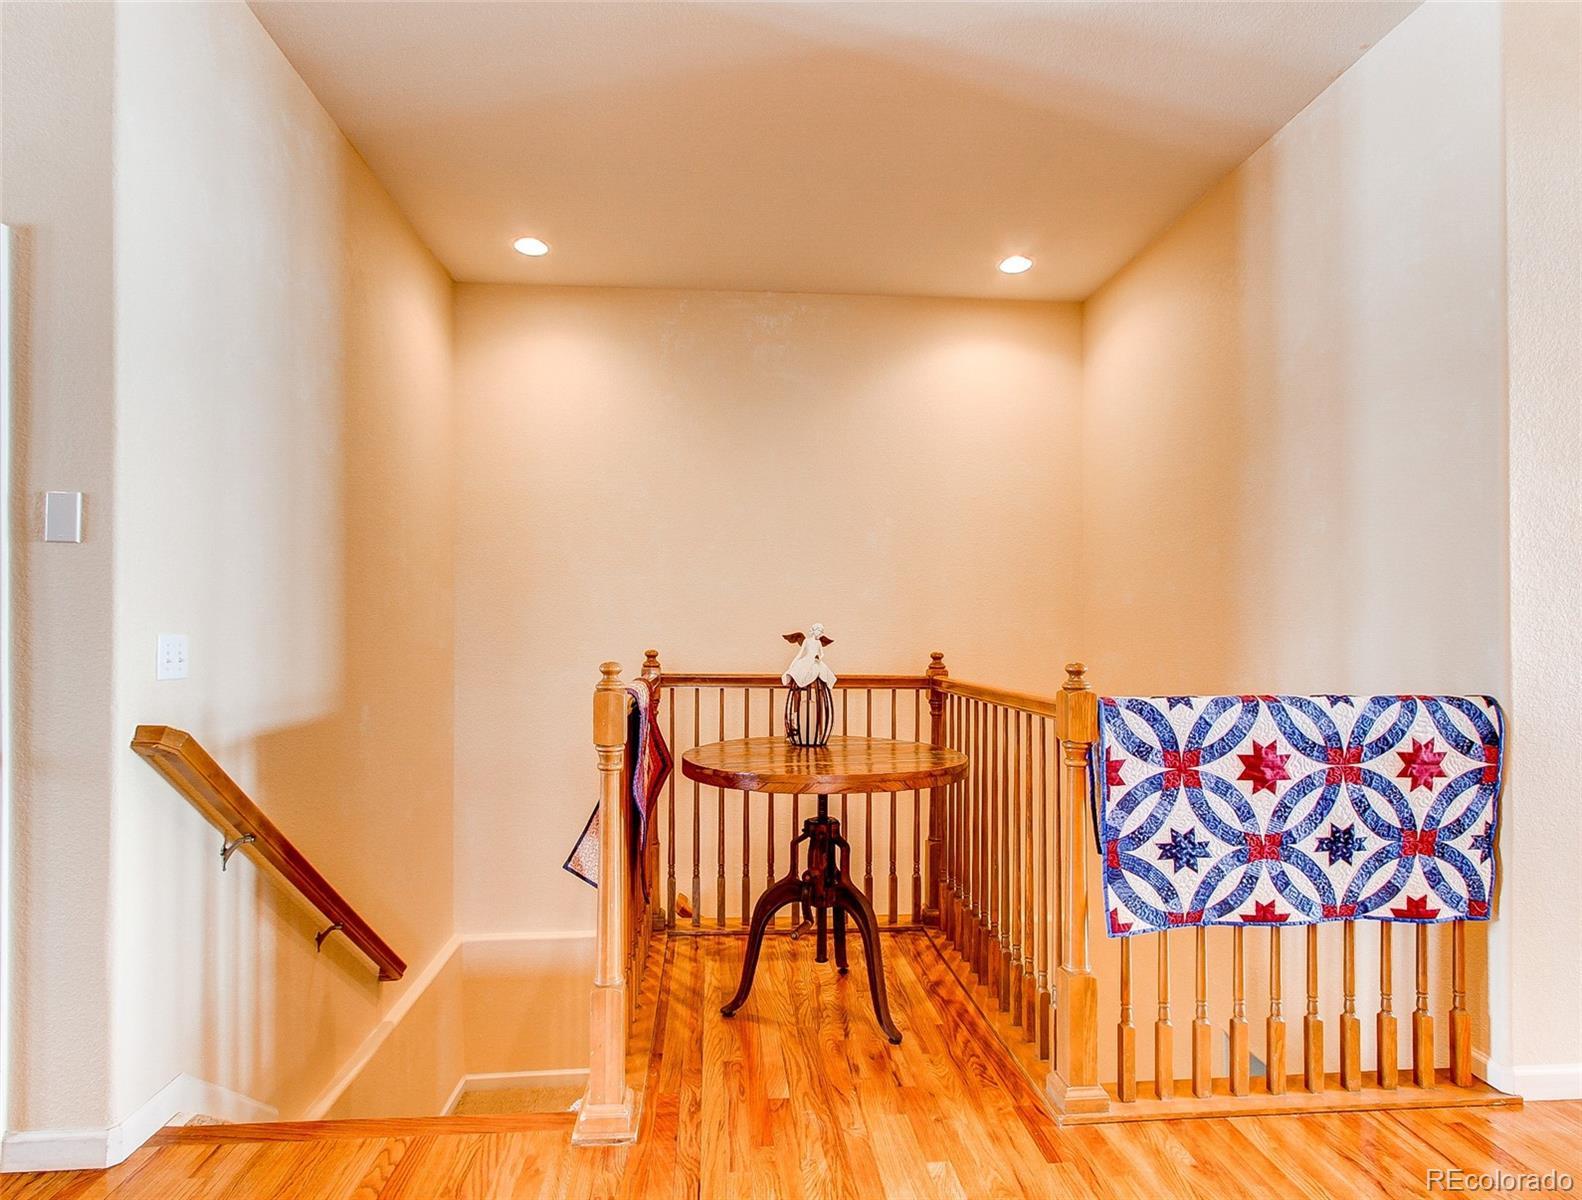 MLS# 8187086 - 11 - 2042 Gypsy Moth Court, Castle Rock, CO 80109